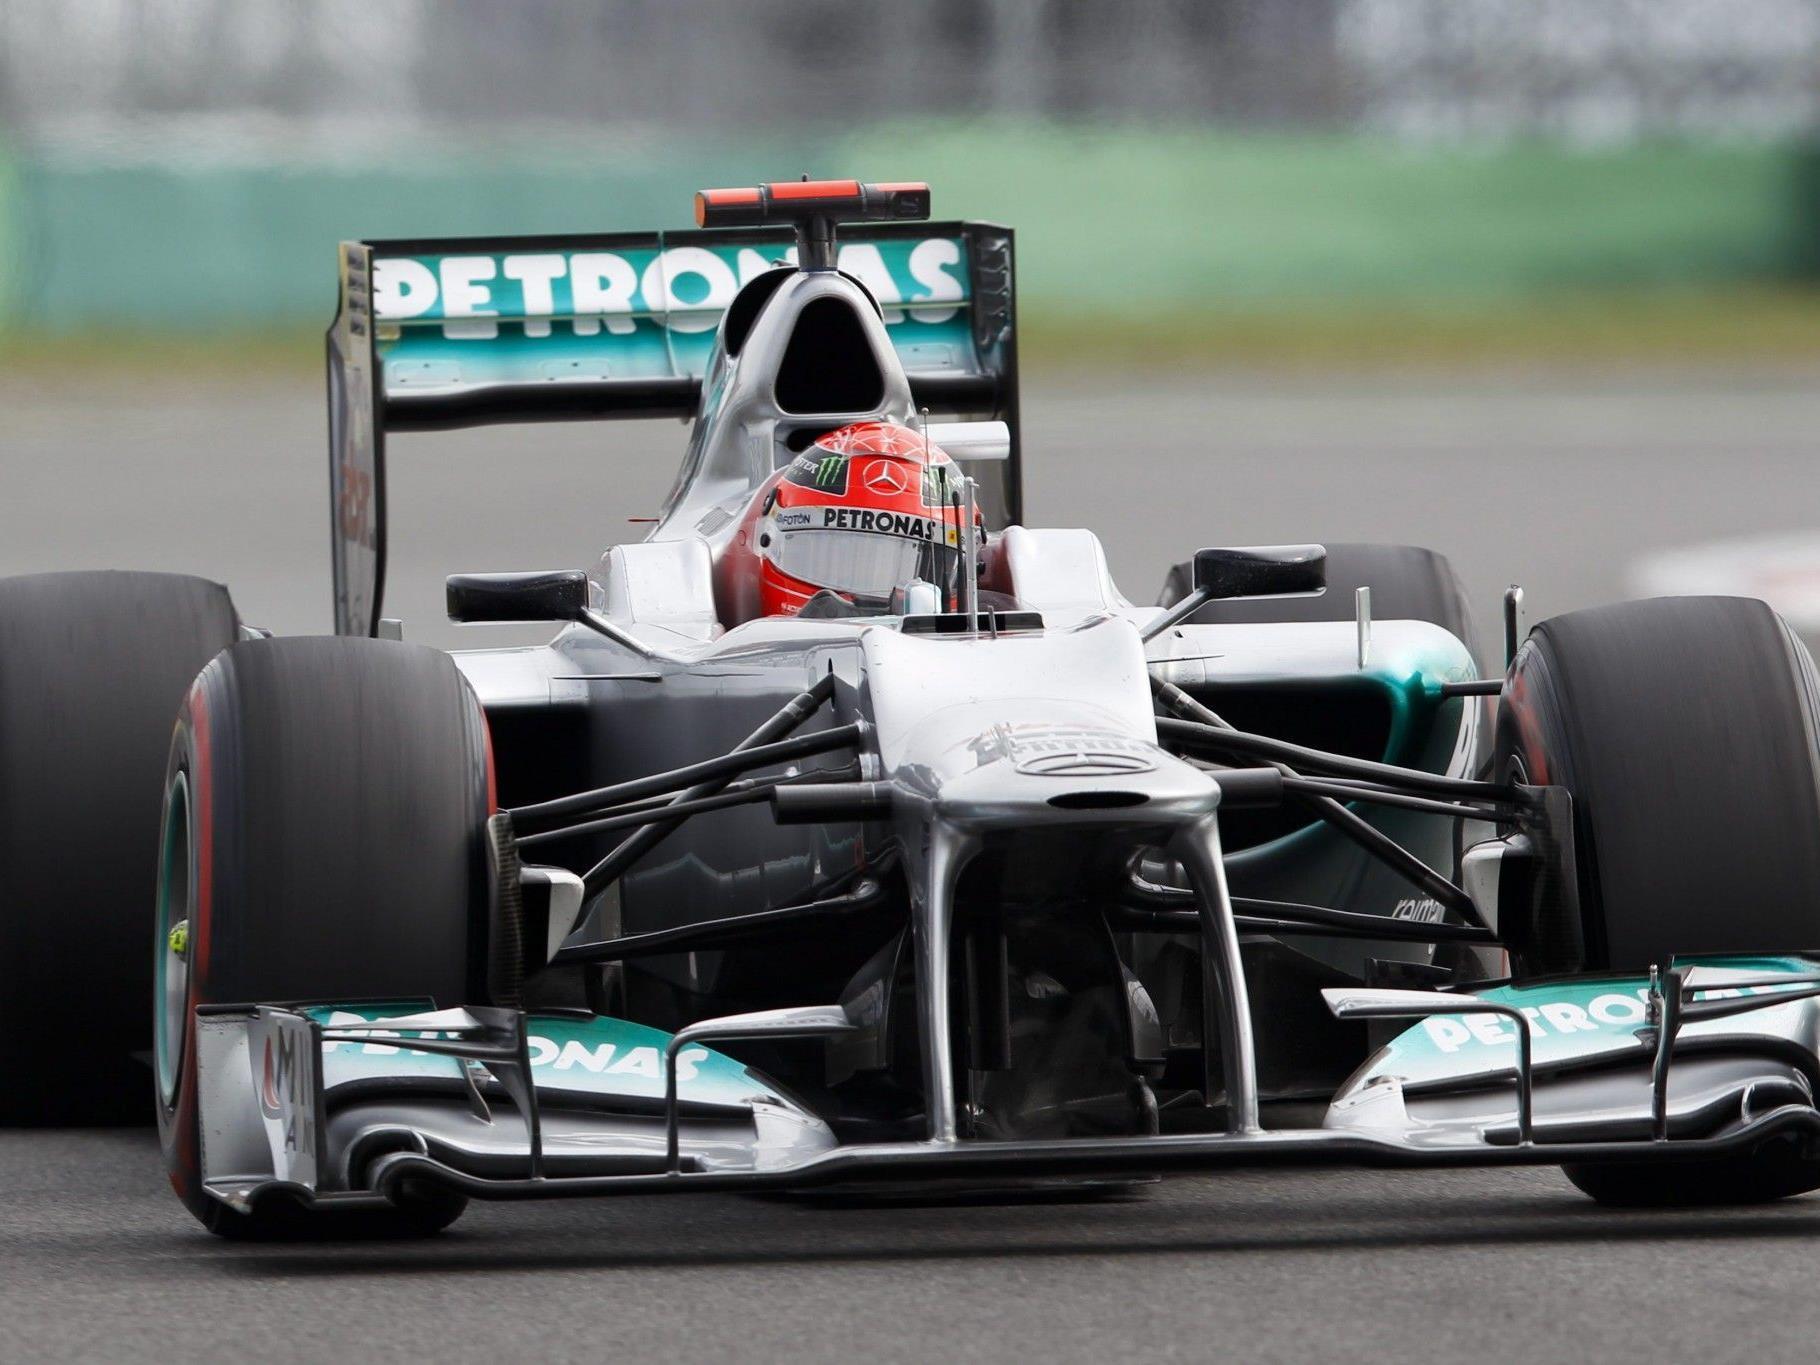 Formel 1: Mercedes-Team muss 10.000 Euro Strafe zahlen.